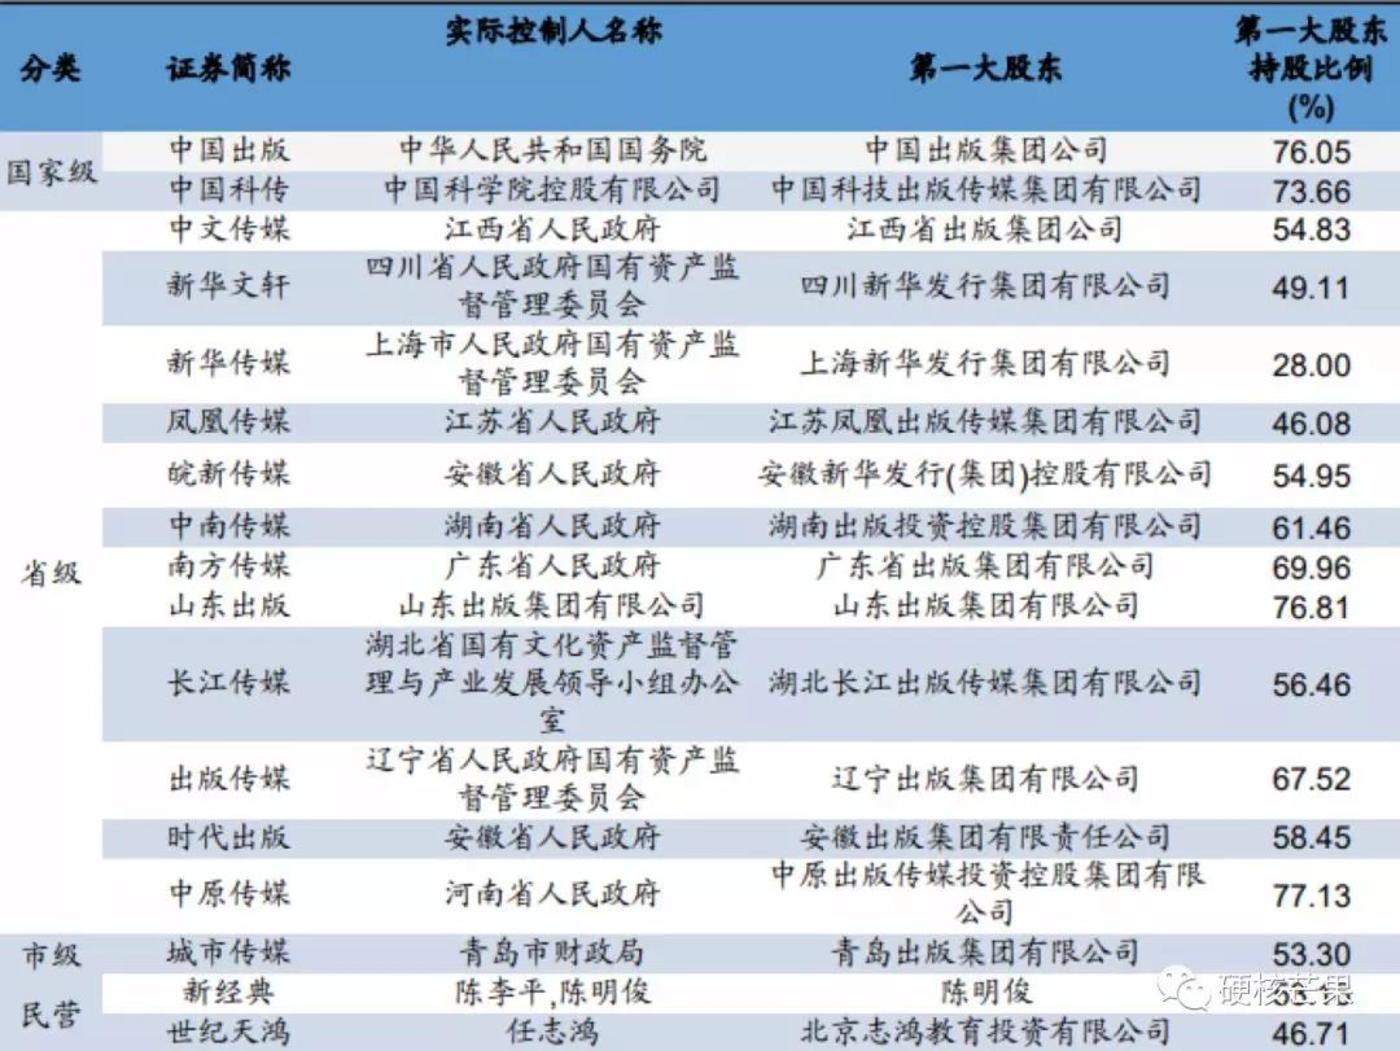 纸质图书出版类上市公司分类(根据实际控制人情况)及第一大股东概况(截至2018年三季报),数据来源于广发证券研报